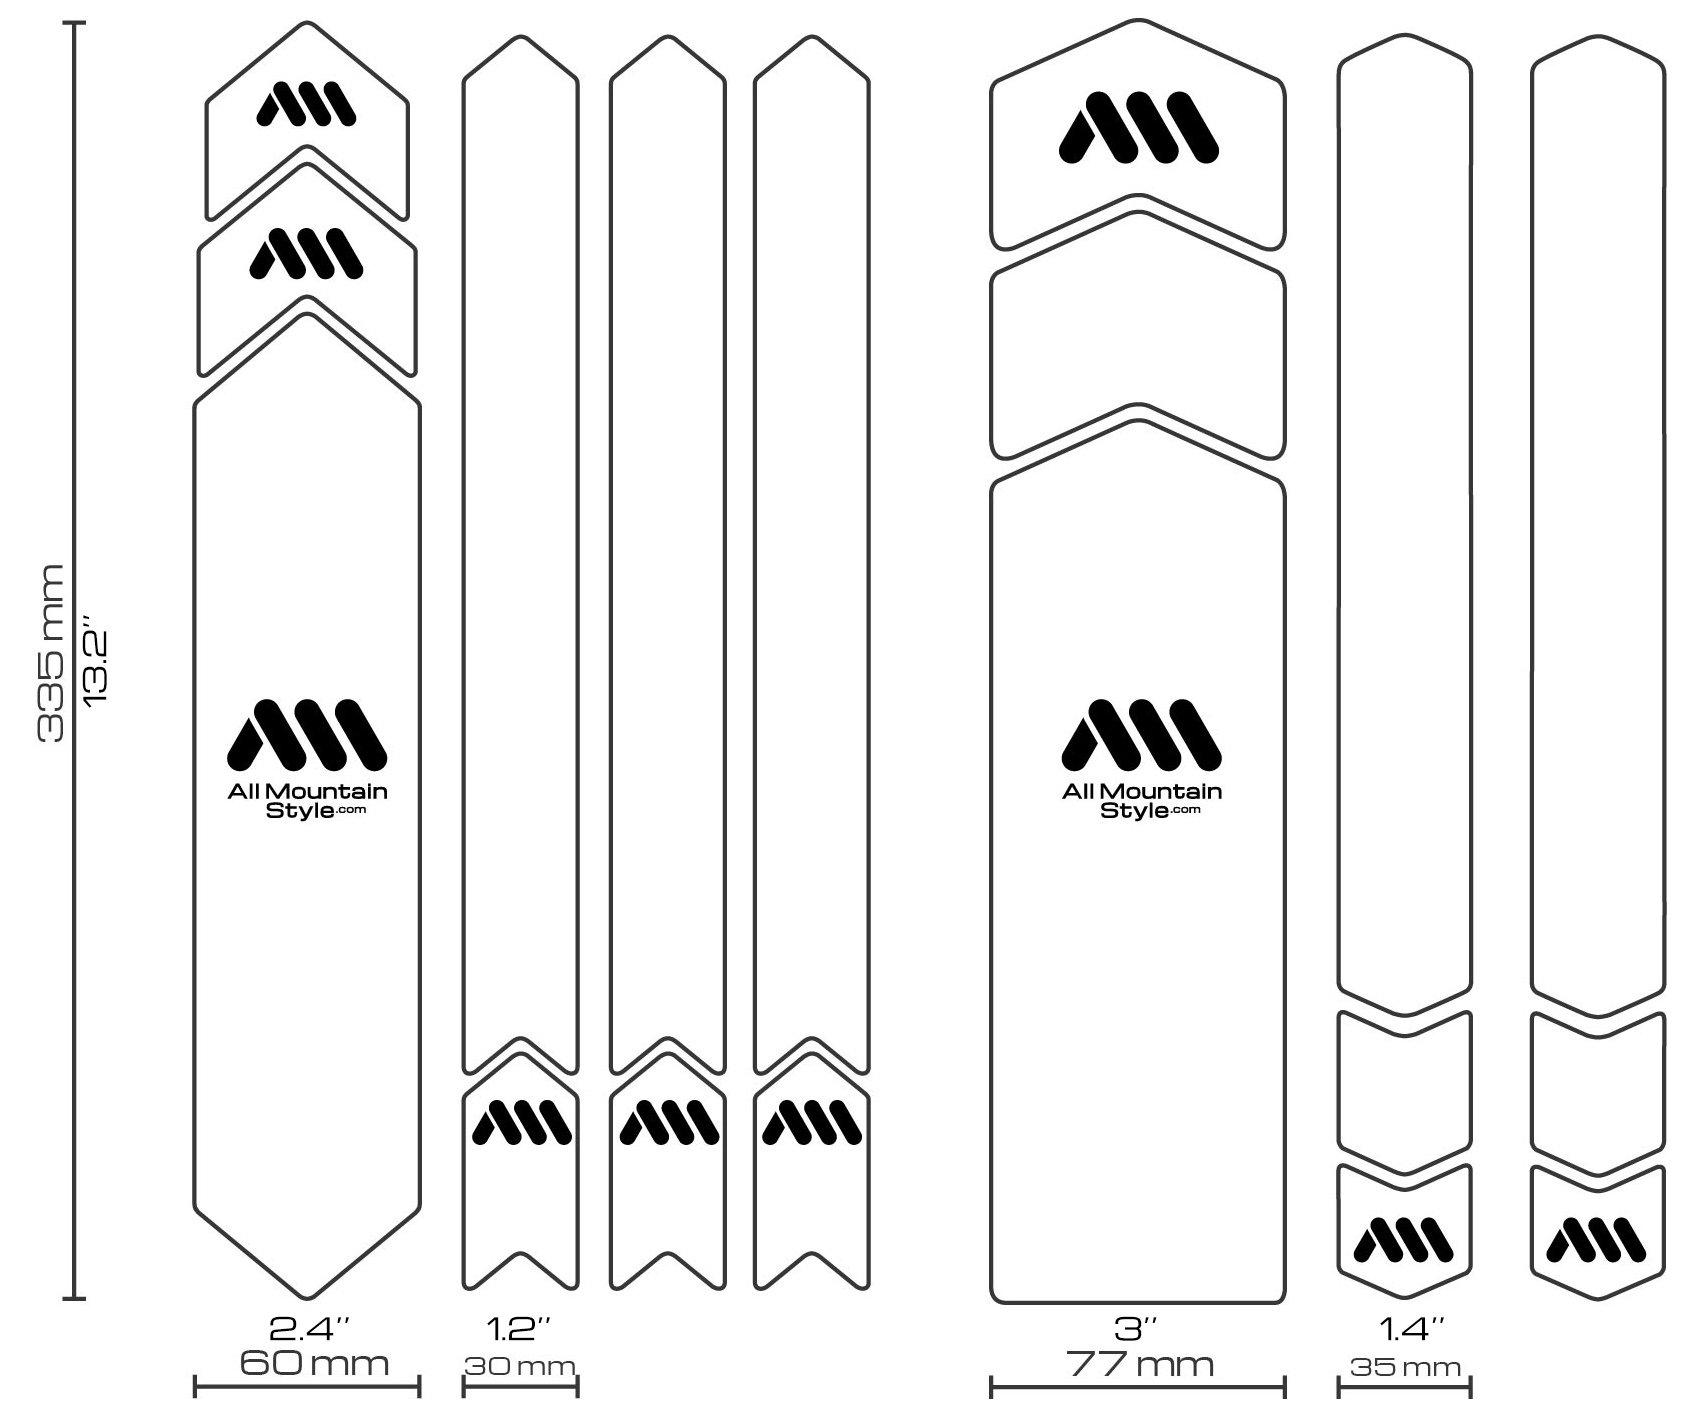 All Mountain Style  Protezione telaio